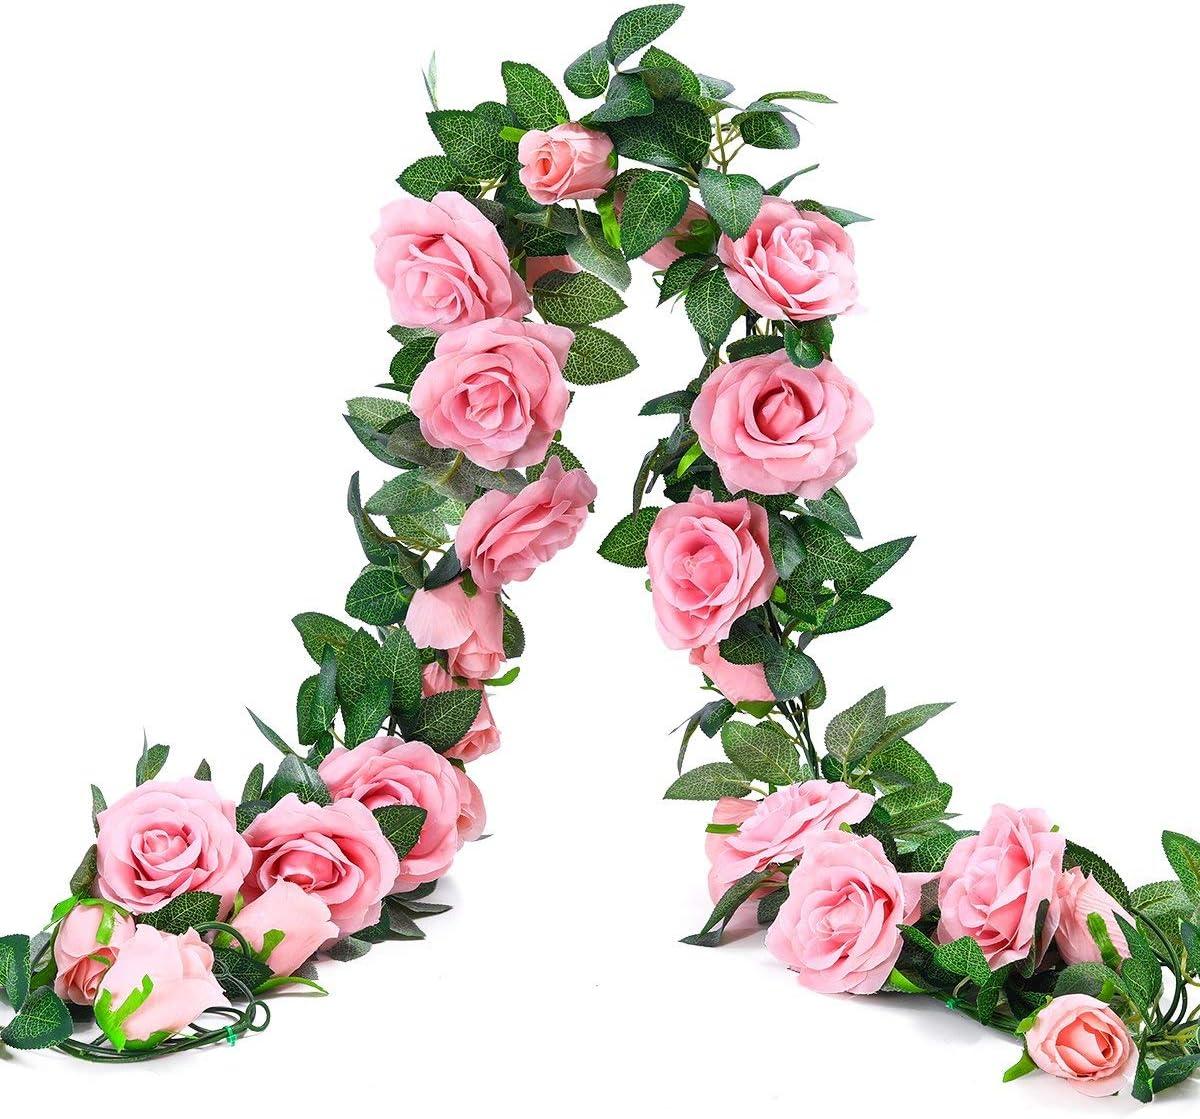 Künstlich Rosen Blumengirlande Kunstblumen Seidenblumen Blumen Rose Girlande Hängend Rebe für Zuhause Wand Hochzeit Bogen Anordnung Dekoration (2…